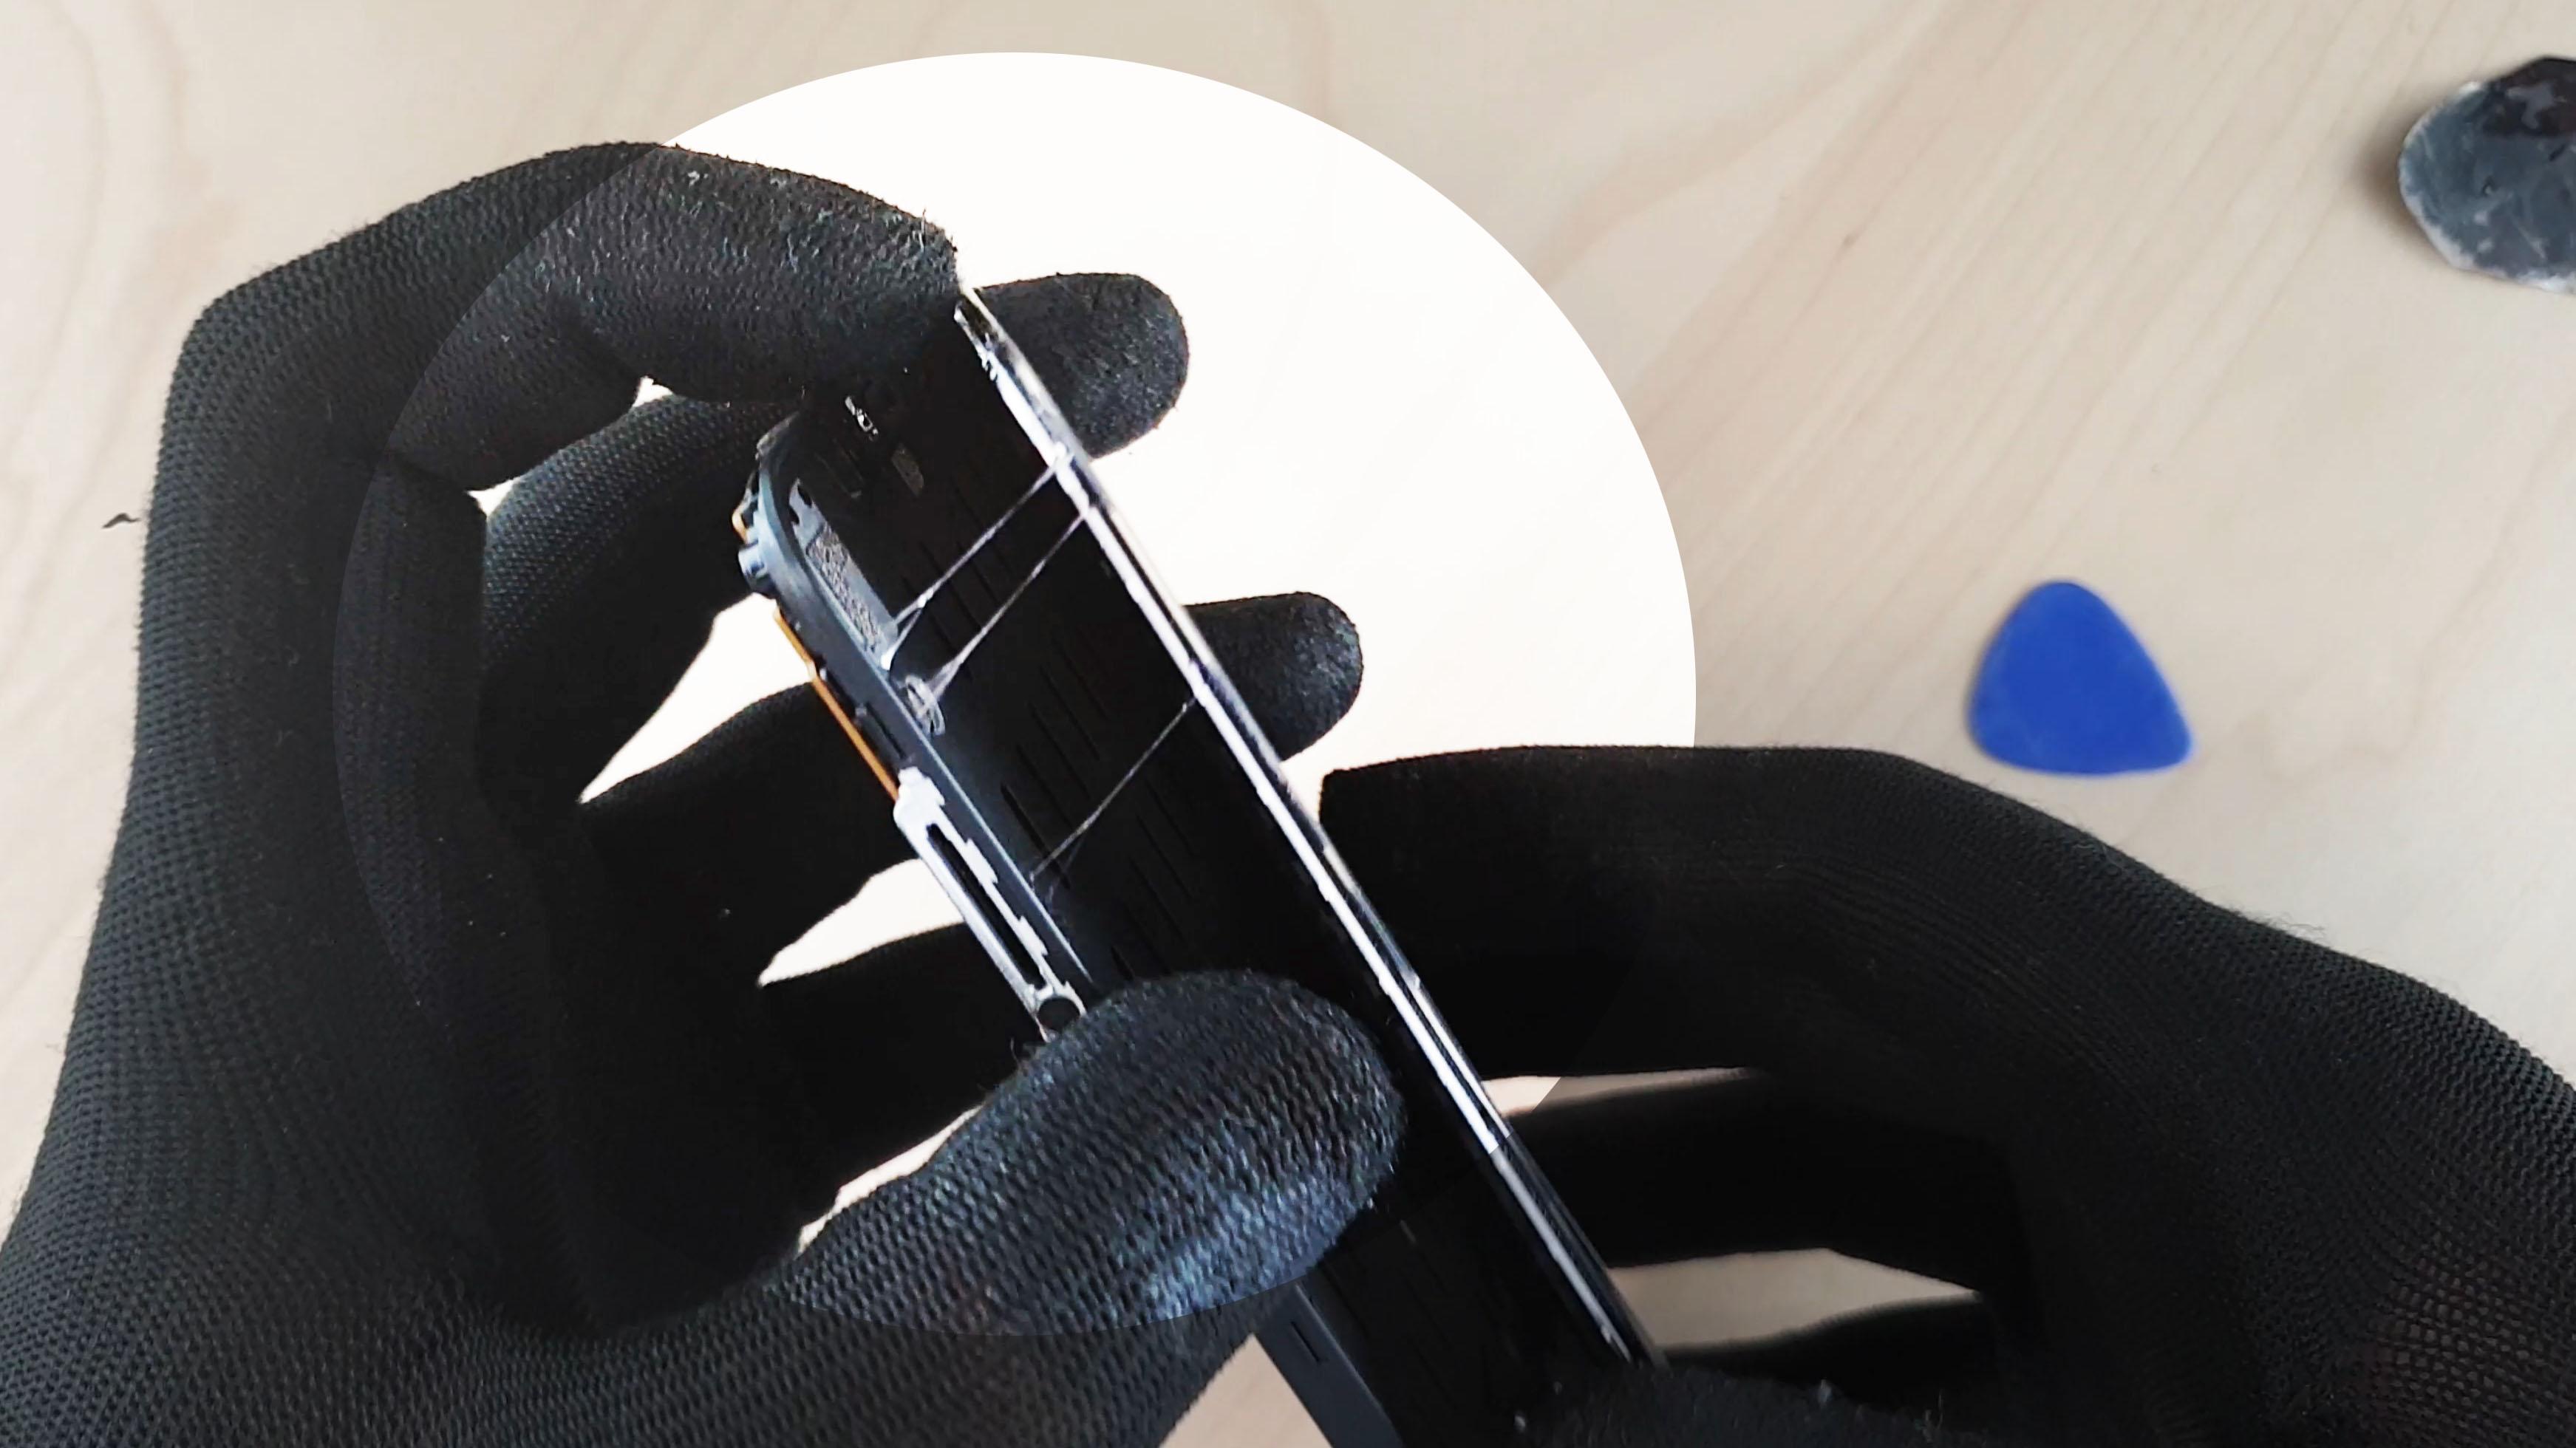 changer l'écran du Pocophone F1 décollage avec la T7000